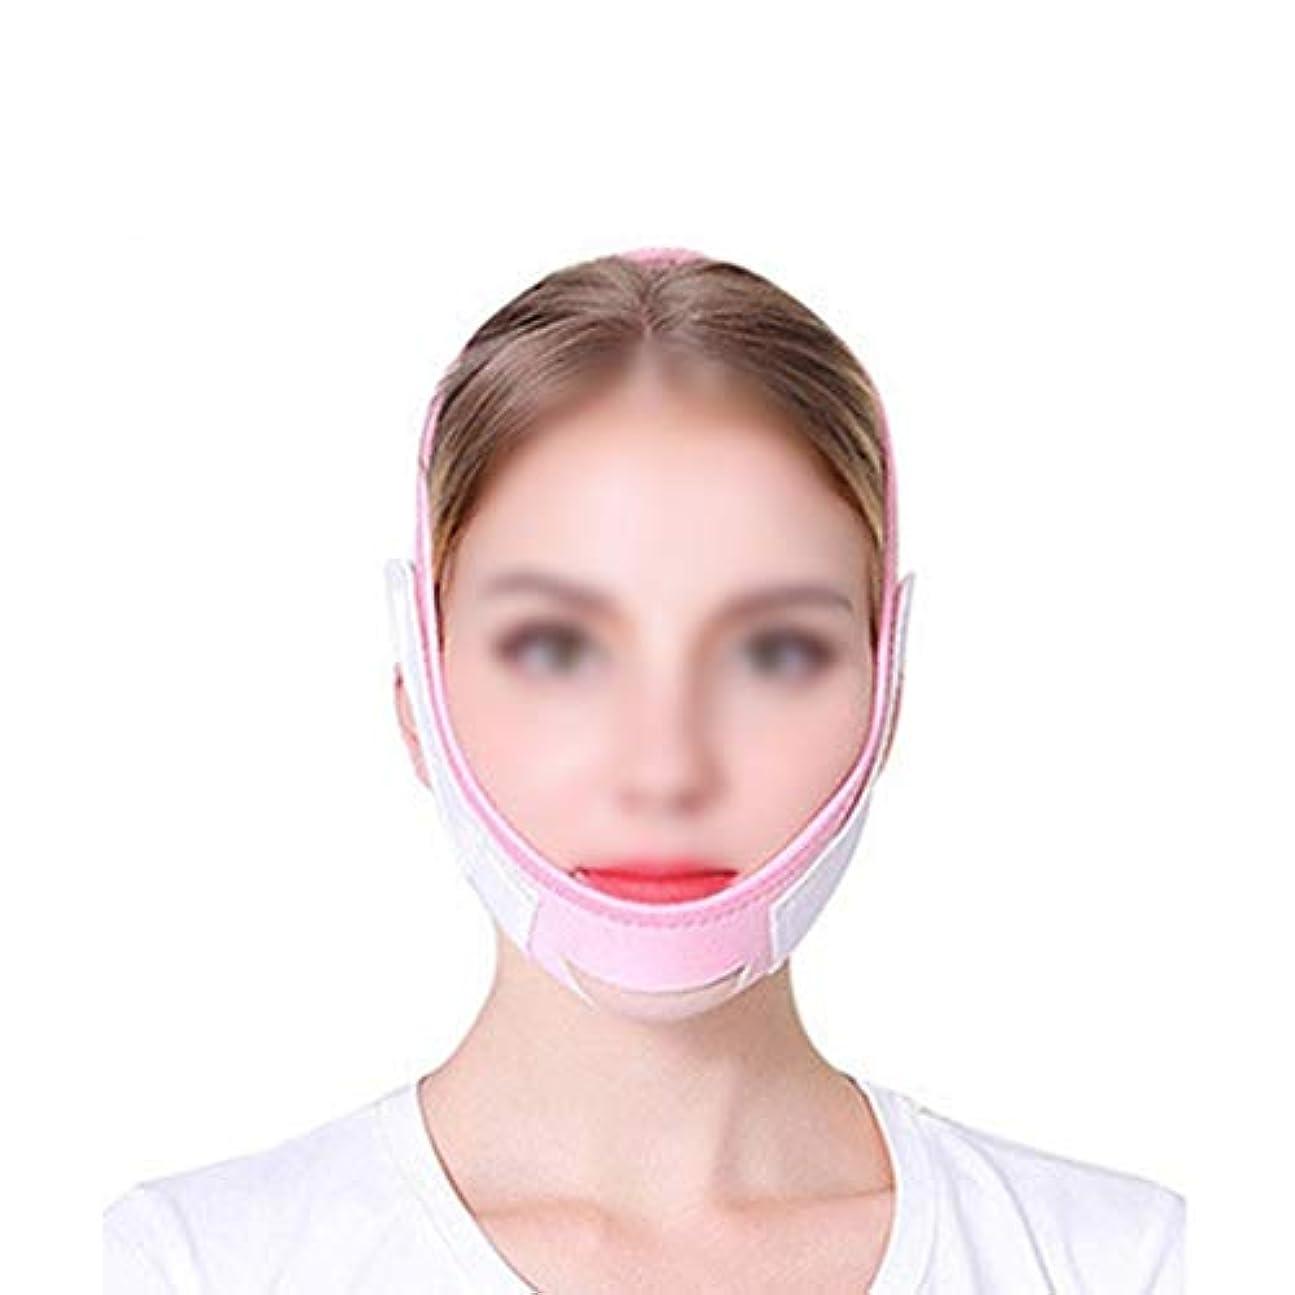 持参プレート意識的しわ防止フェイシャル減量ベルト、フェイスリフティング包帯、フェイスリフティングマスク、リフティングフェイスバンド、スキンバンデージ(フリーサイズ) (Color : Powder white)